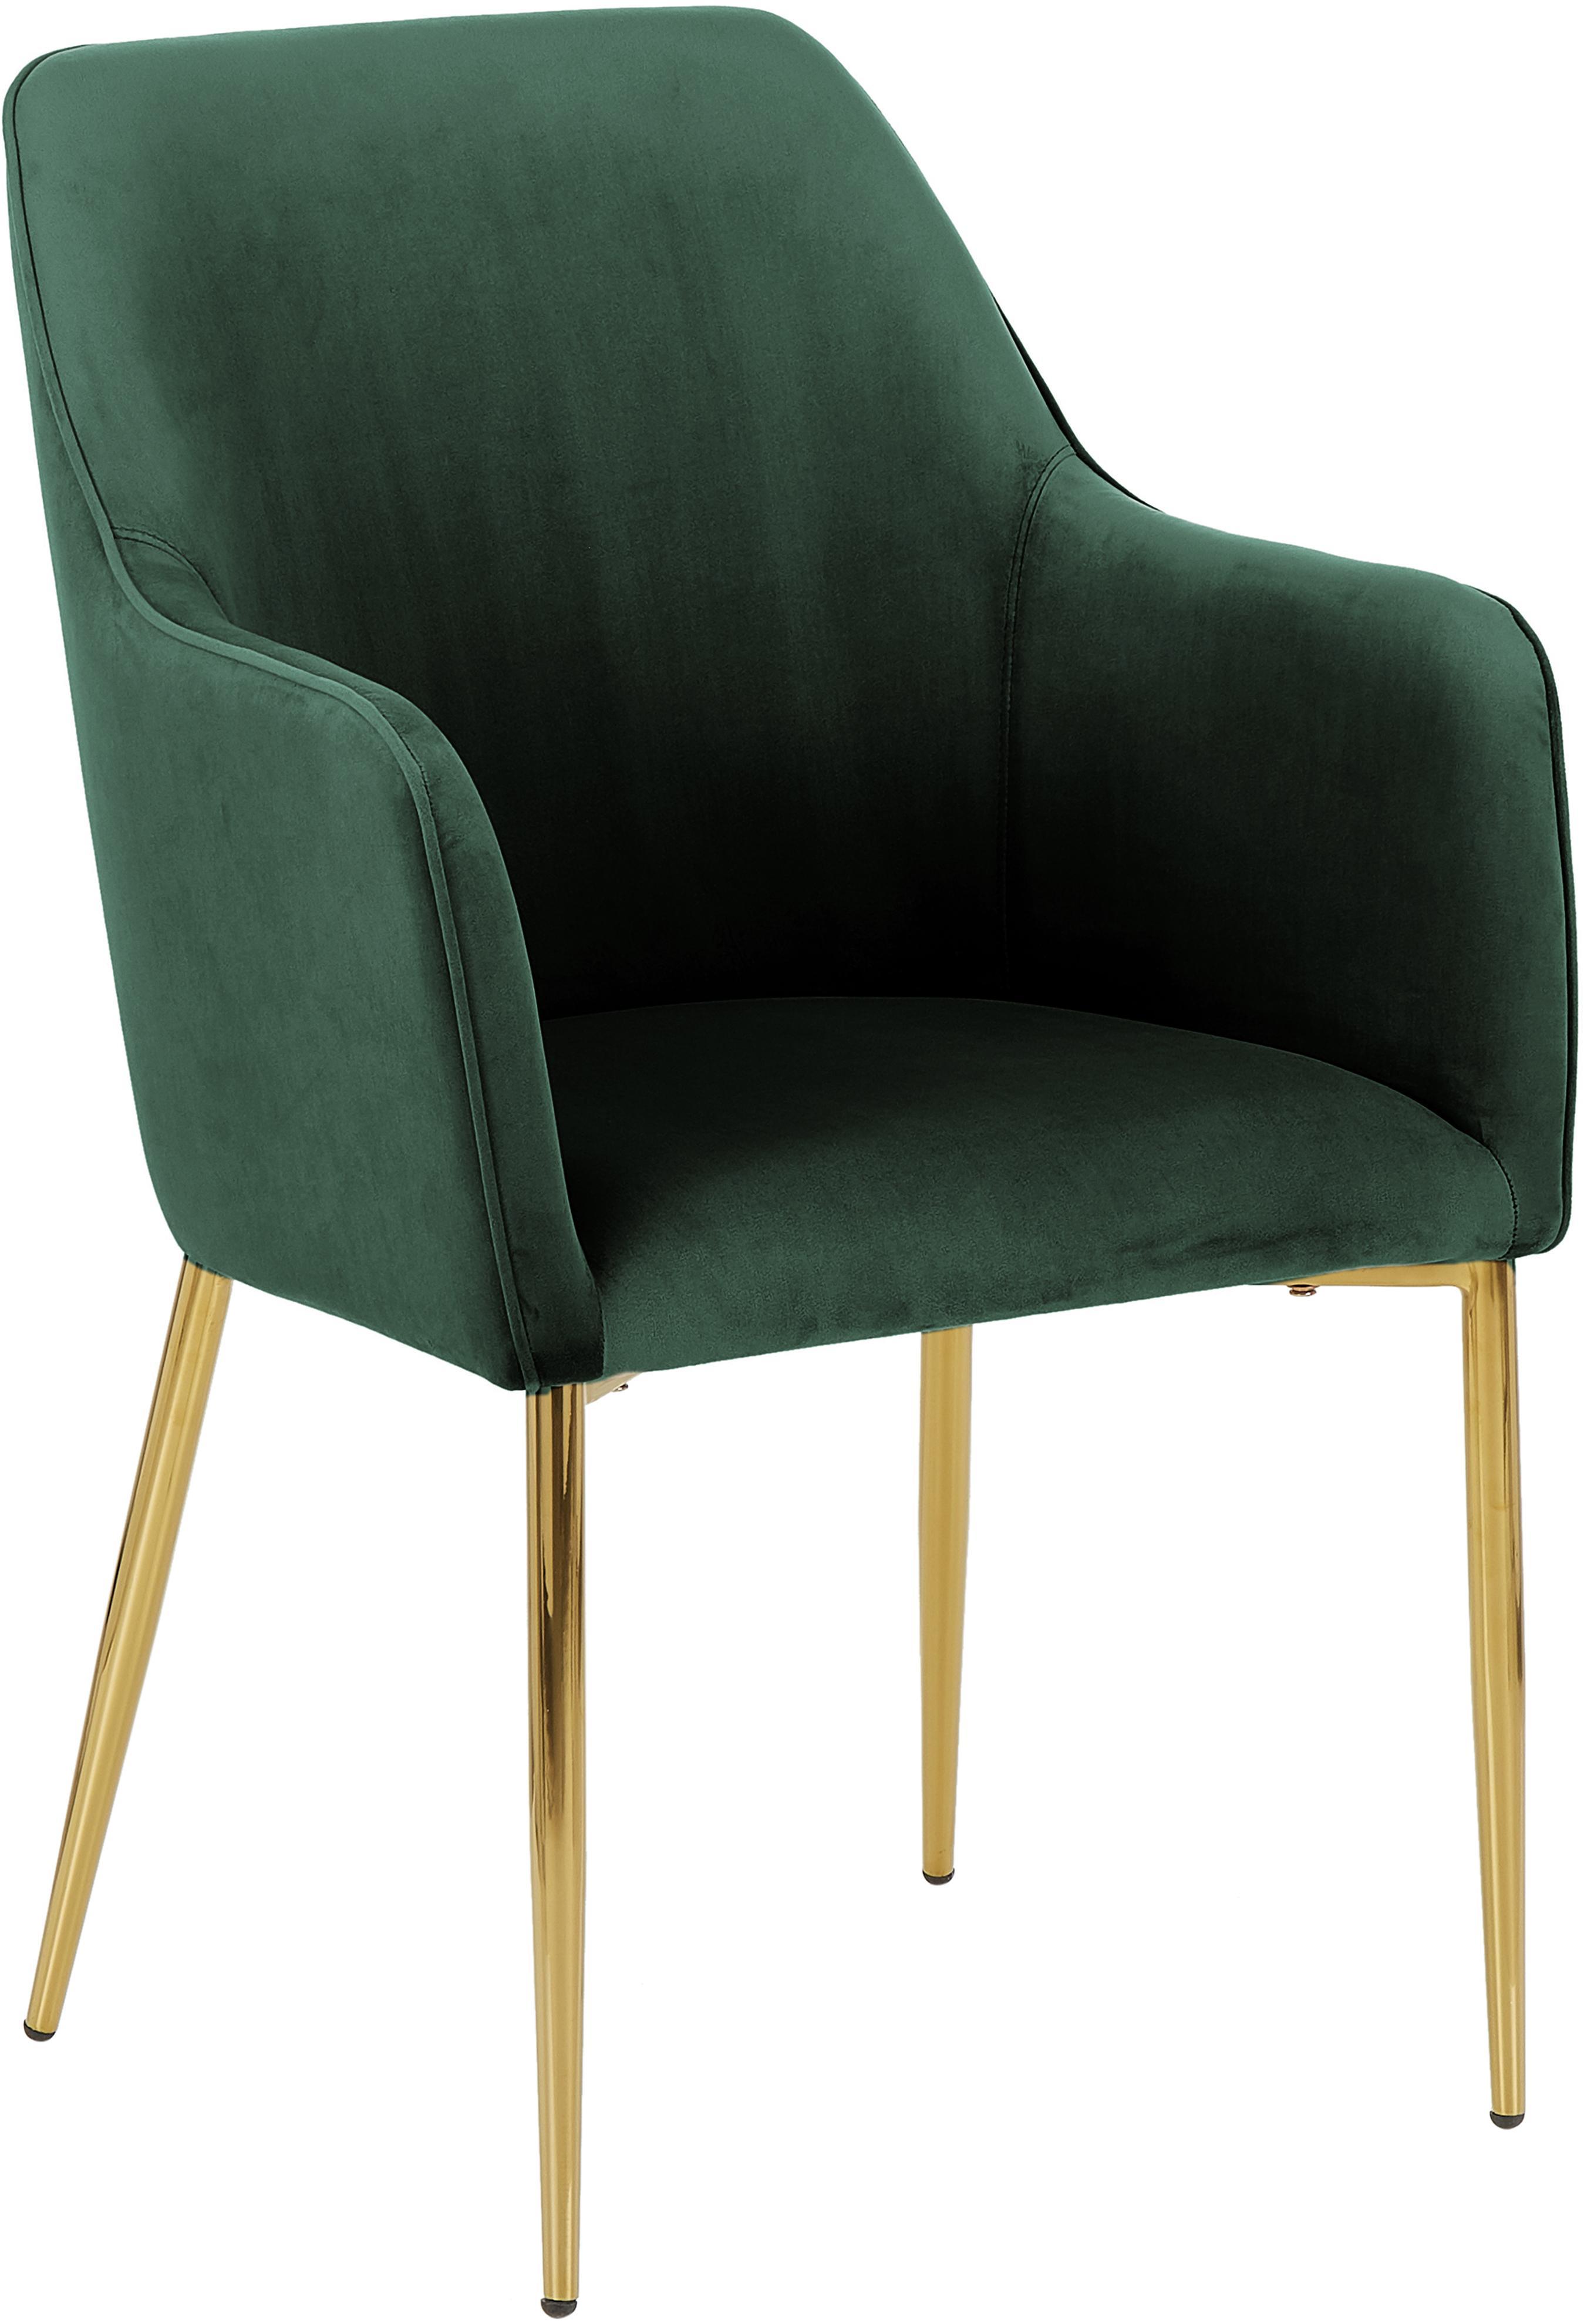 Krzesło z podłokietnikami  z aksamitu Ava, Tapicerka: aksamit (poliester) 5000, Nogi: metal galwanizowany, Ciemny zielony, S 57 x G 62 cm